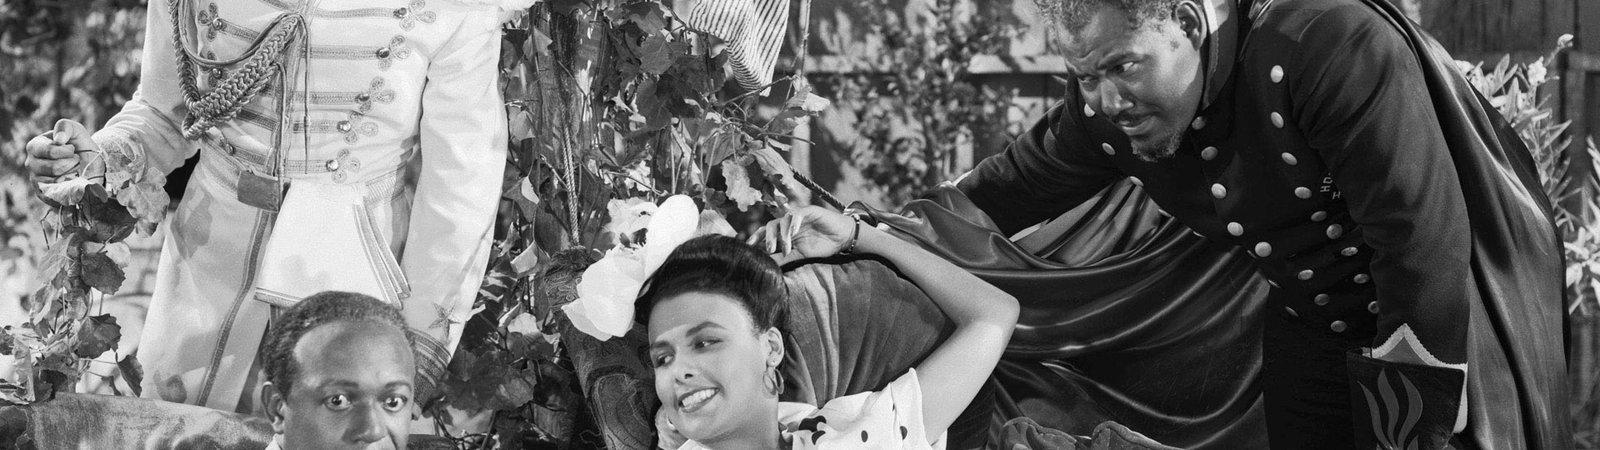 Photo dernier film Lena Horne